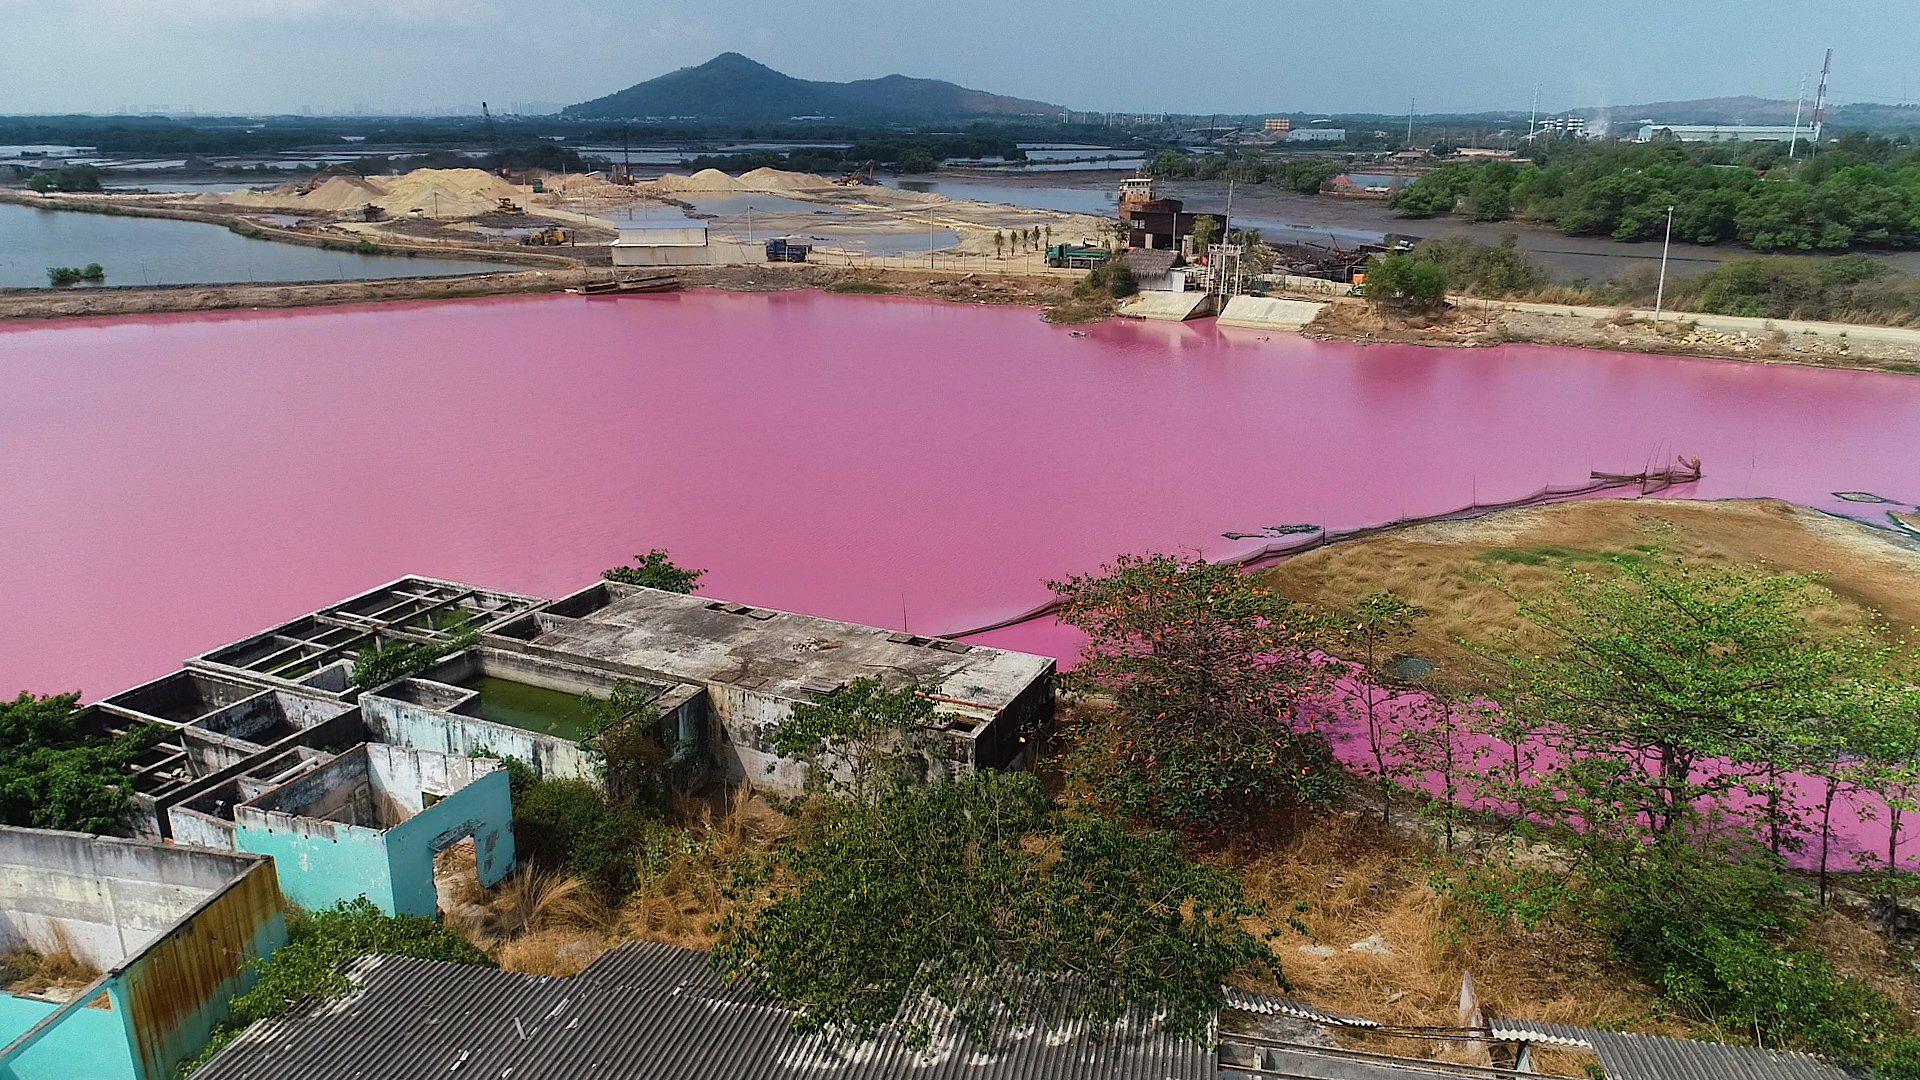 CLIP: Kinh hoàng hồ nước rộng lớn chuyển thành màu tím - Ảnh 5.